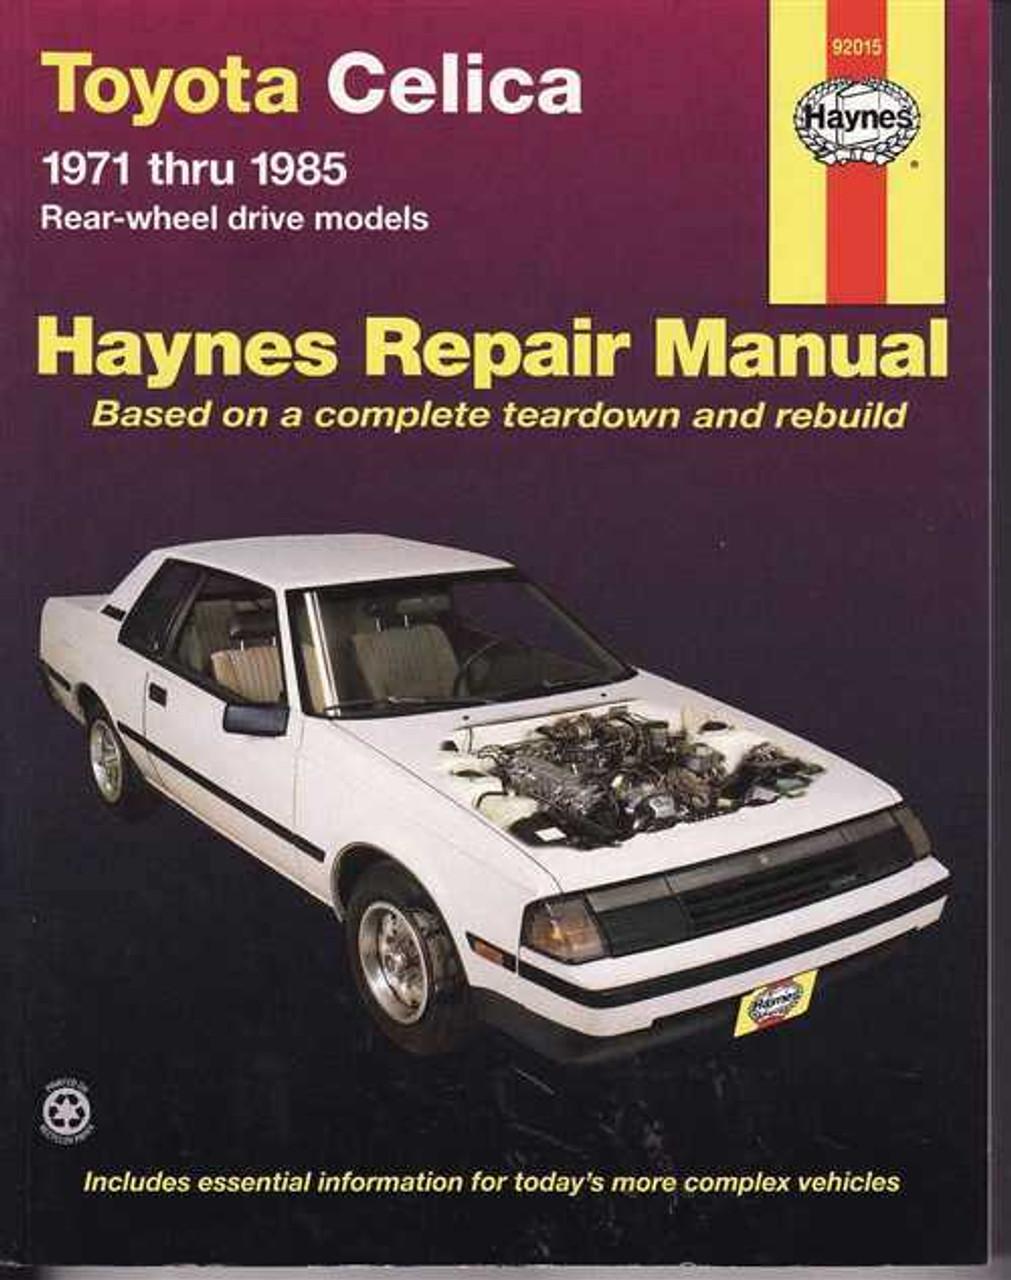 toyota celica rwd 1971 1985 workshop manual rh automotobookshop com au toyota celica haynes manual toyota celica haynes manual 2001